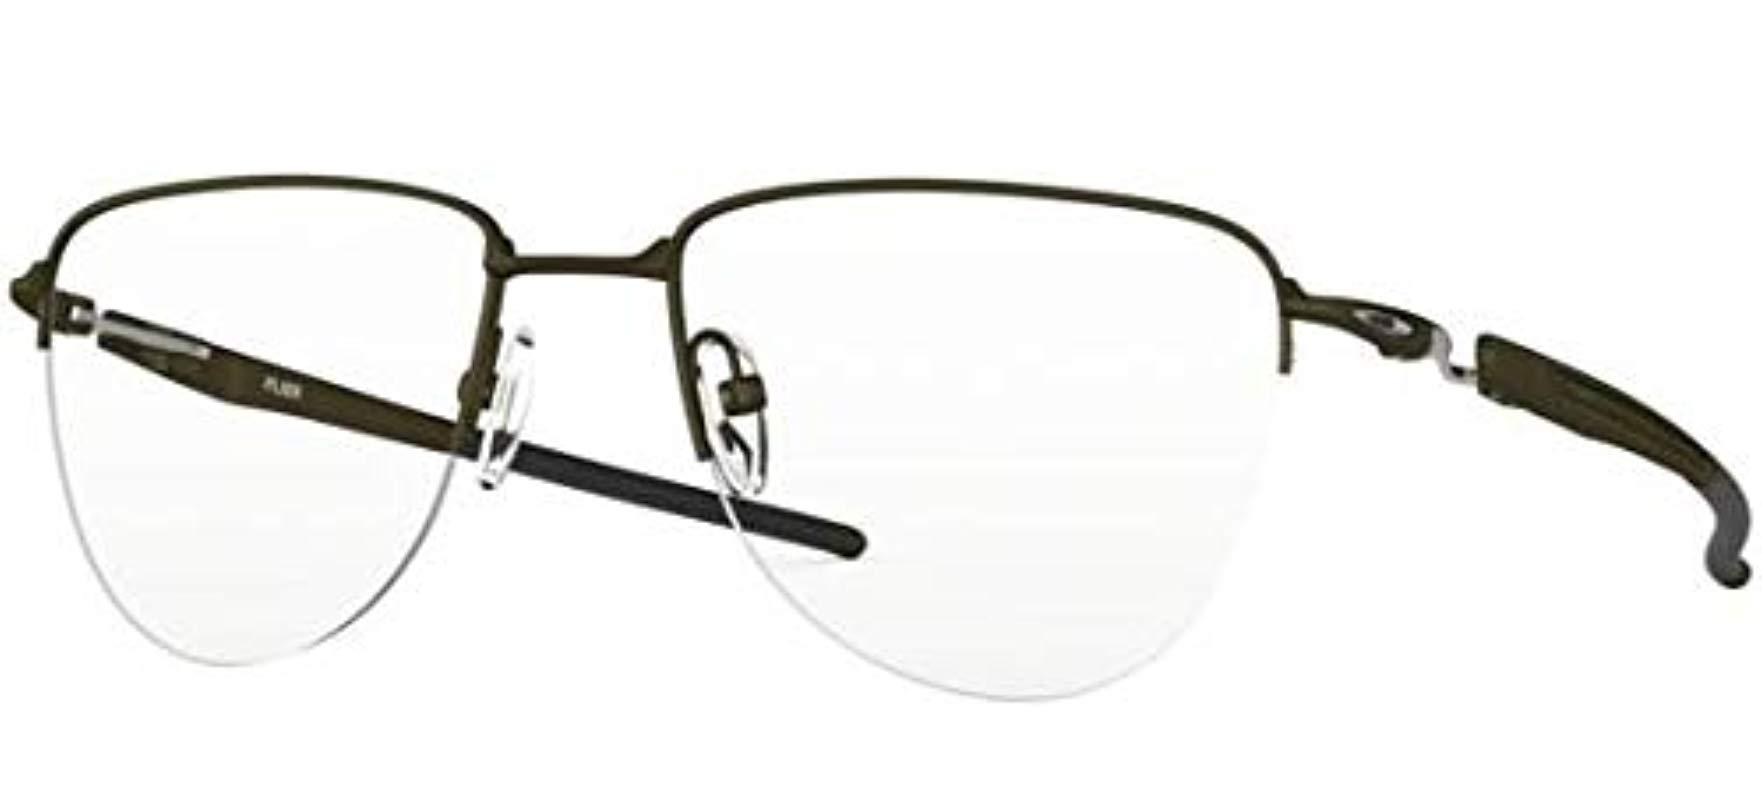 368717e3e6 Ray-Ban. Men s Metallic Plier Optical Frames ...